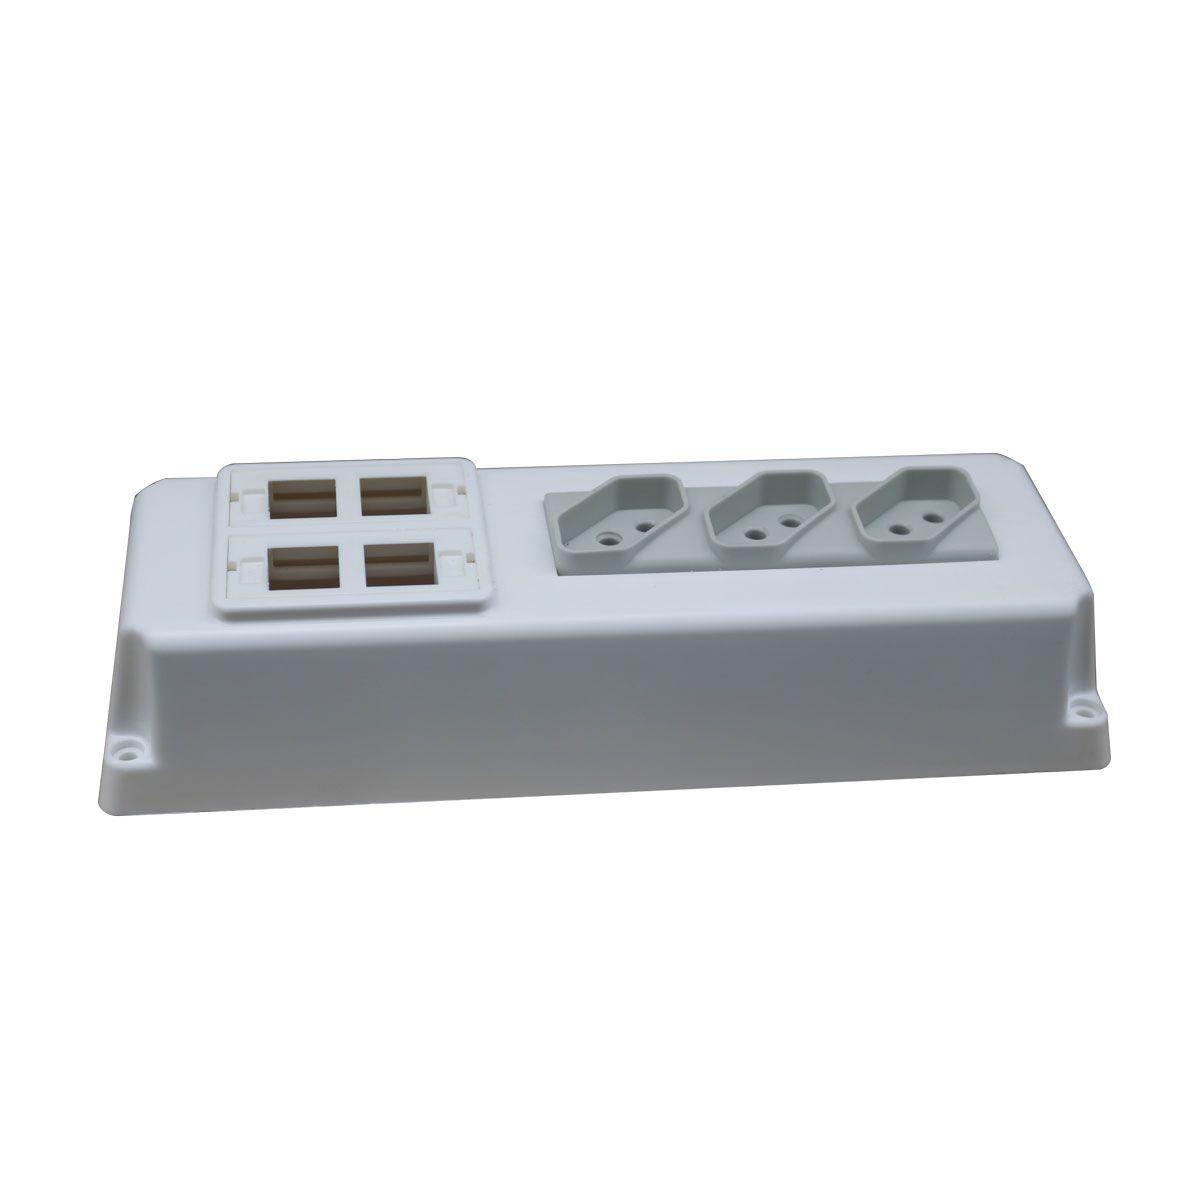 Caixa de Elétrica e Dados branca